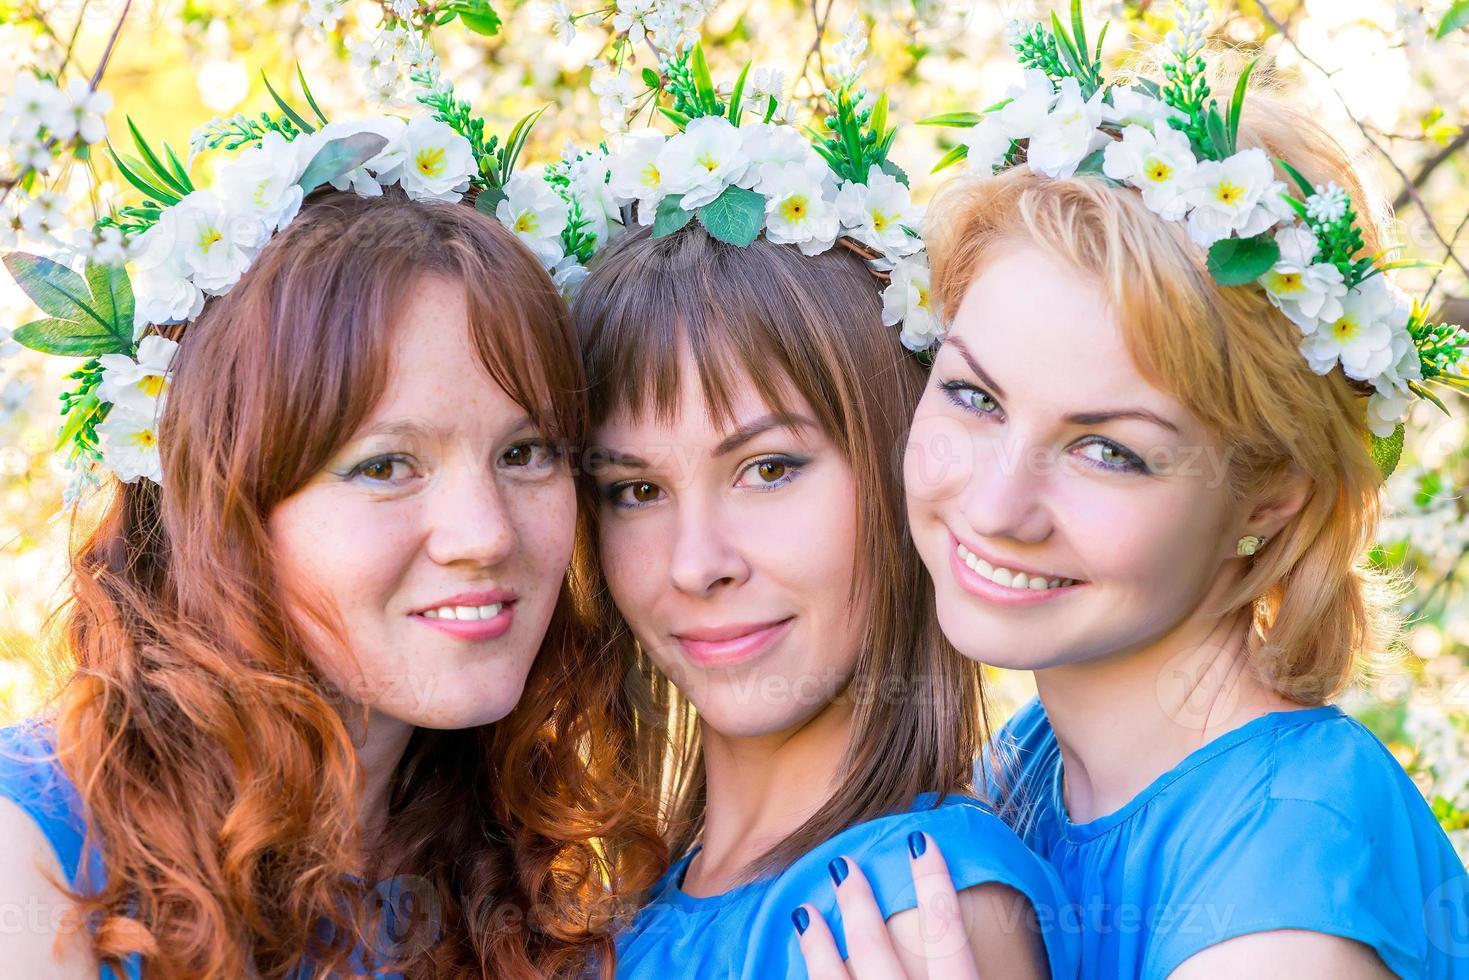 drie meisjes van 30 jaar met kransen op het hoofd foto